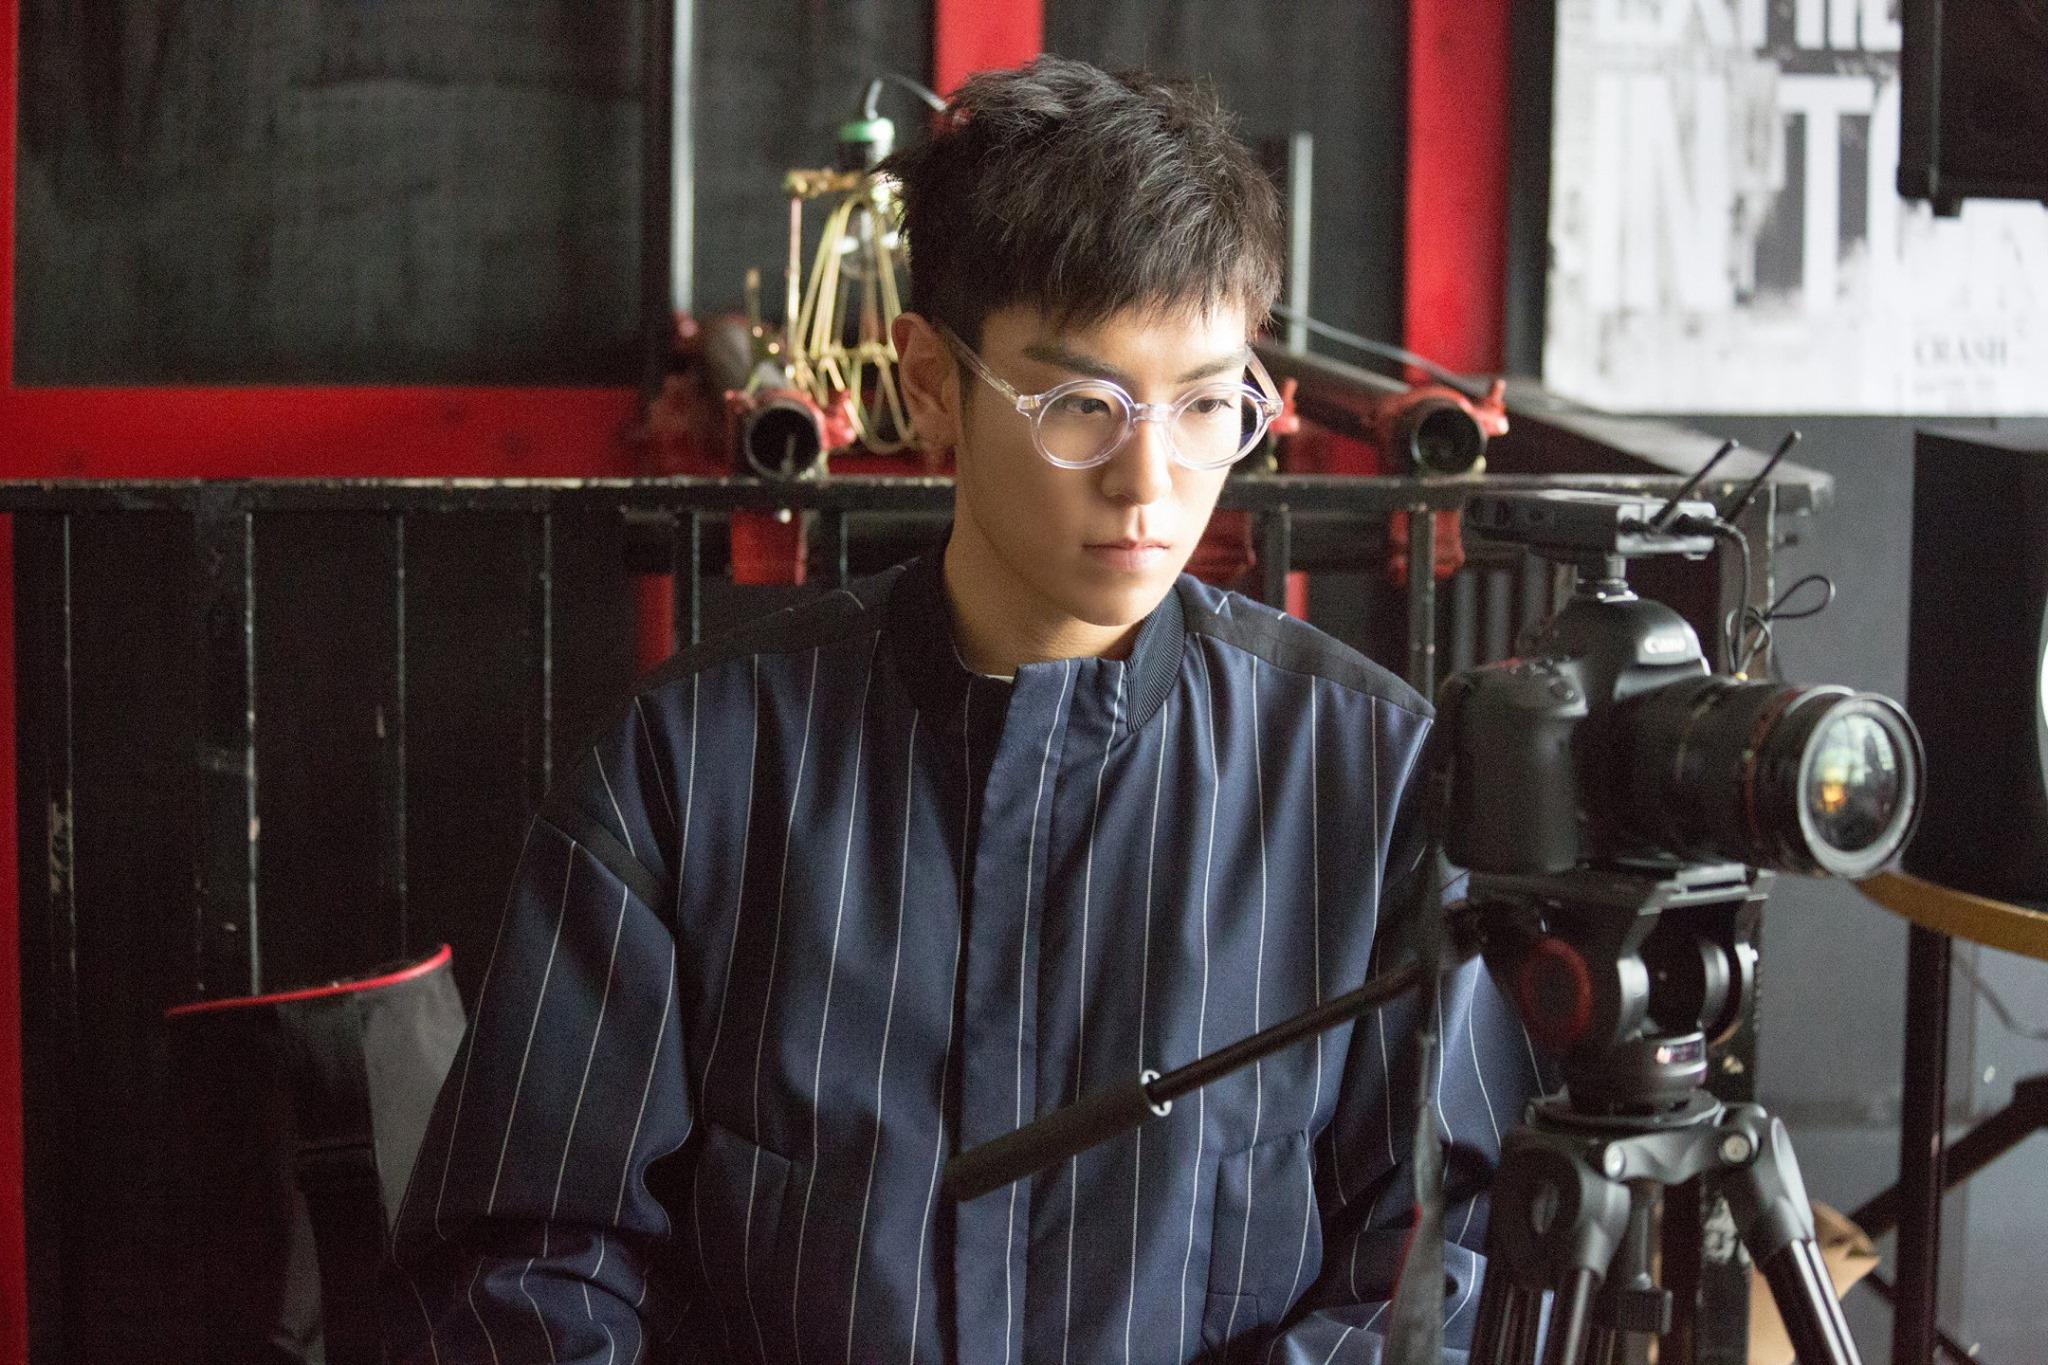 韓國網友只要講到T.O.P就會想到好帥,想到好帥,就會講到T.O.P的程度!像他這樣鼻子很高挺,眼睛這麼大蕊,身高又高、嗓音又磁性~根本男神來著!(不少人都希望能見到他本人一面)